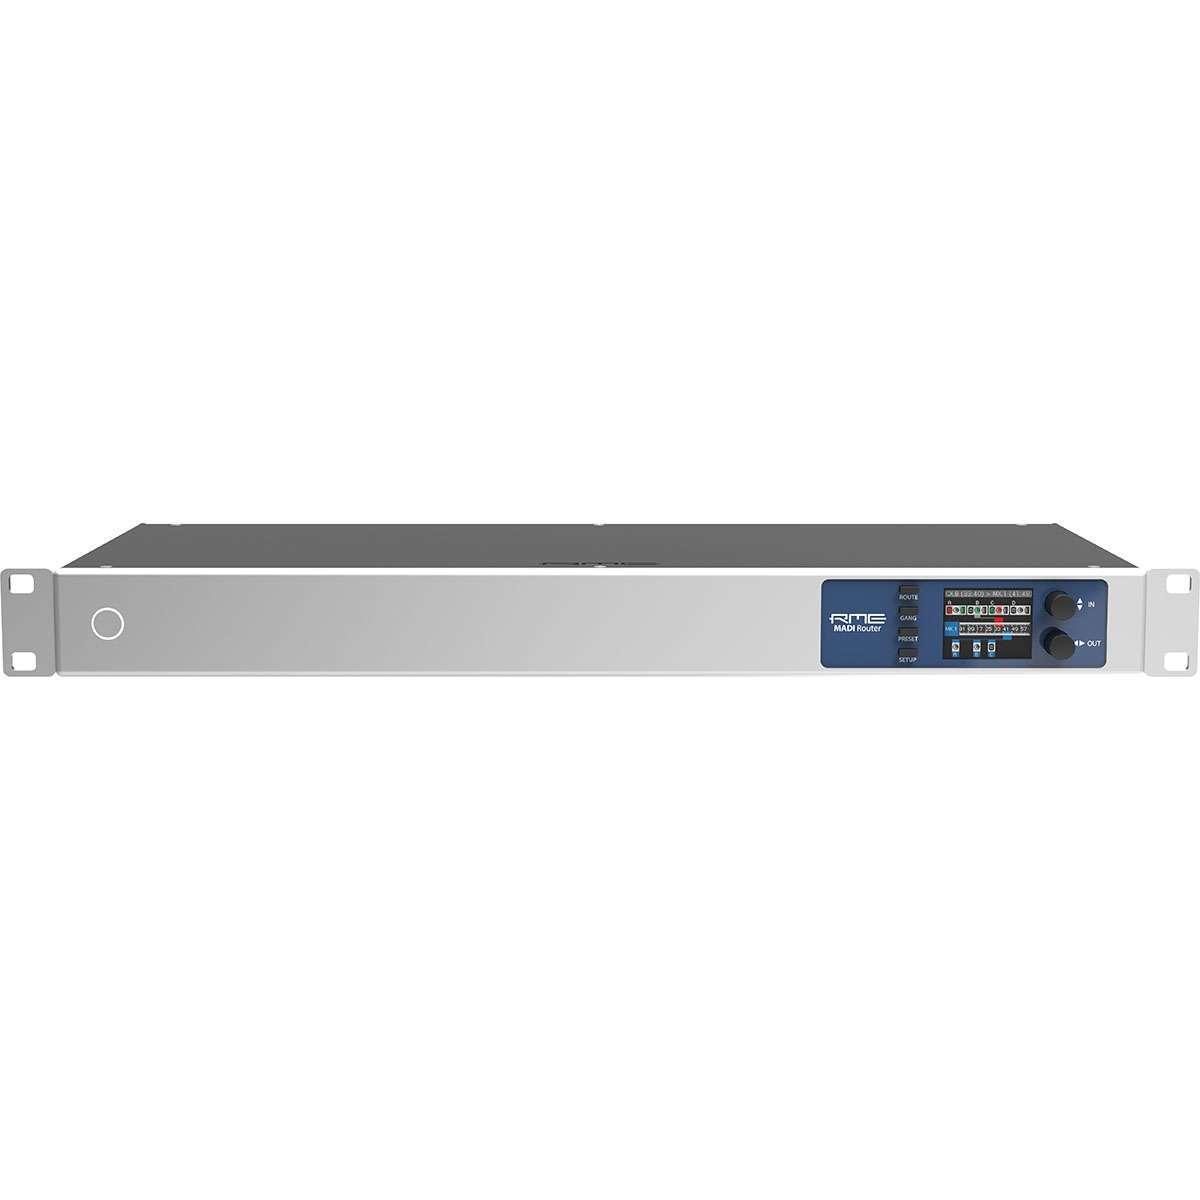 RME Madi Router 04 Convertitori Audio, Recording, Audio Digitale Convertitori e Schede Audio